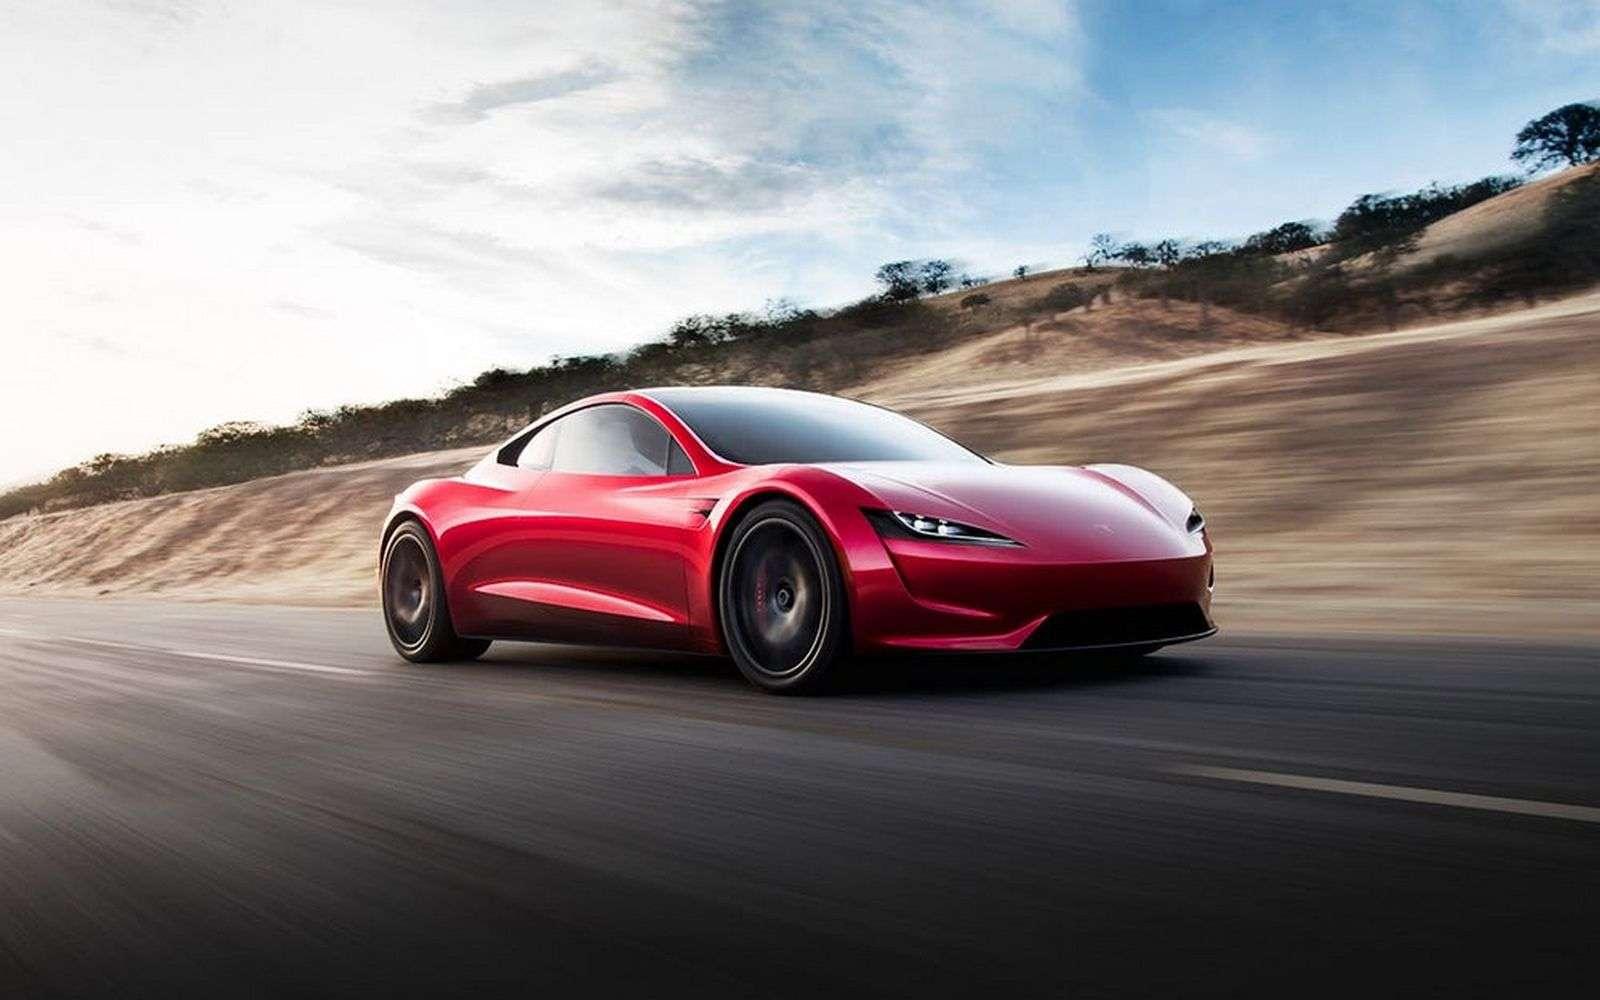 La production du Tesla Roadster est censée débuter en 2020. © Tesla